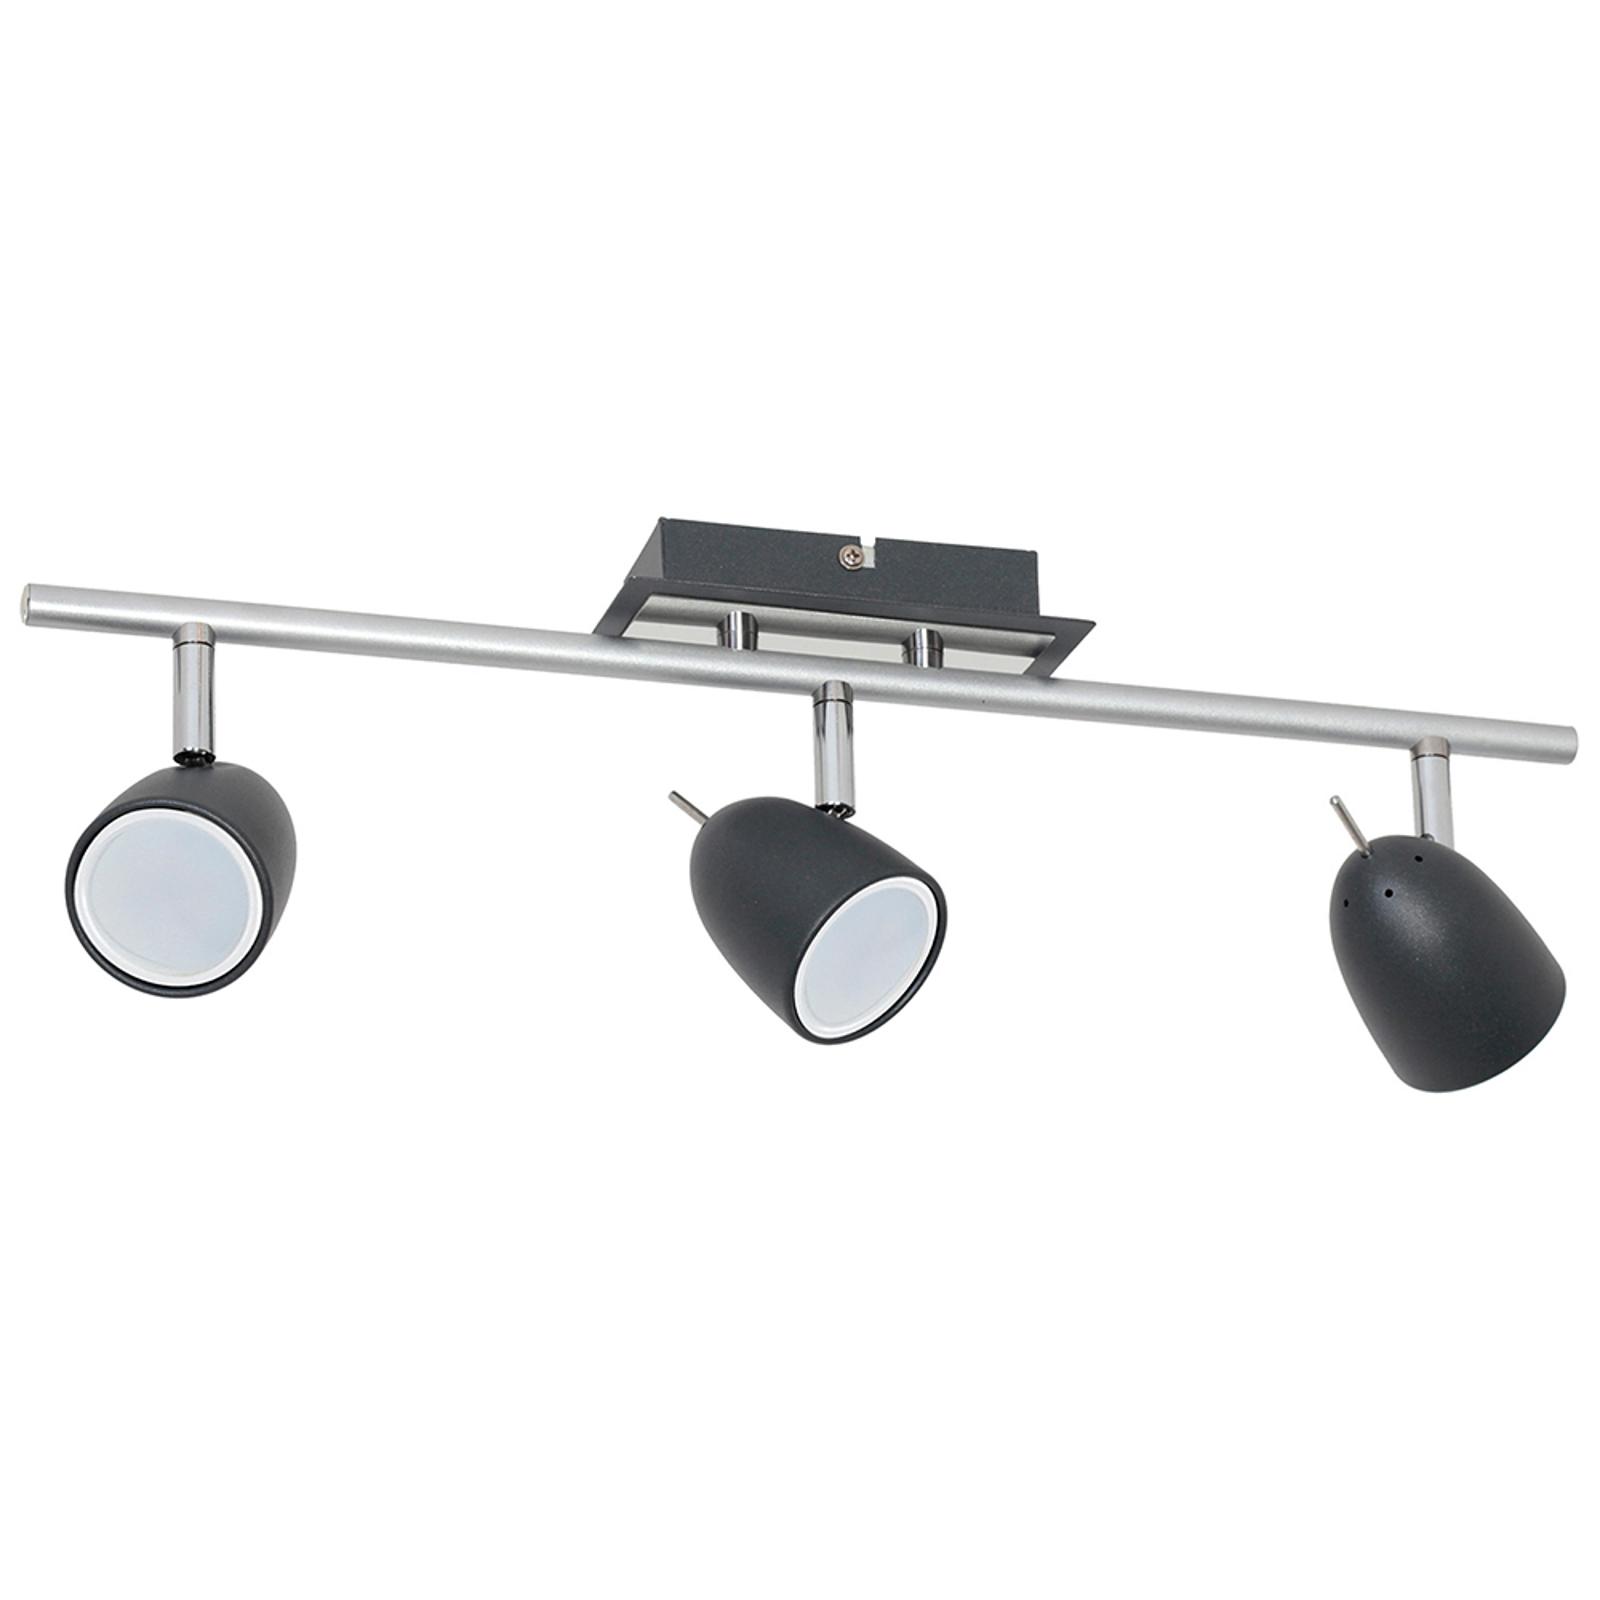 Faretto da soffitto Taylor, nero/cromo, 3 luci